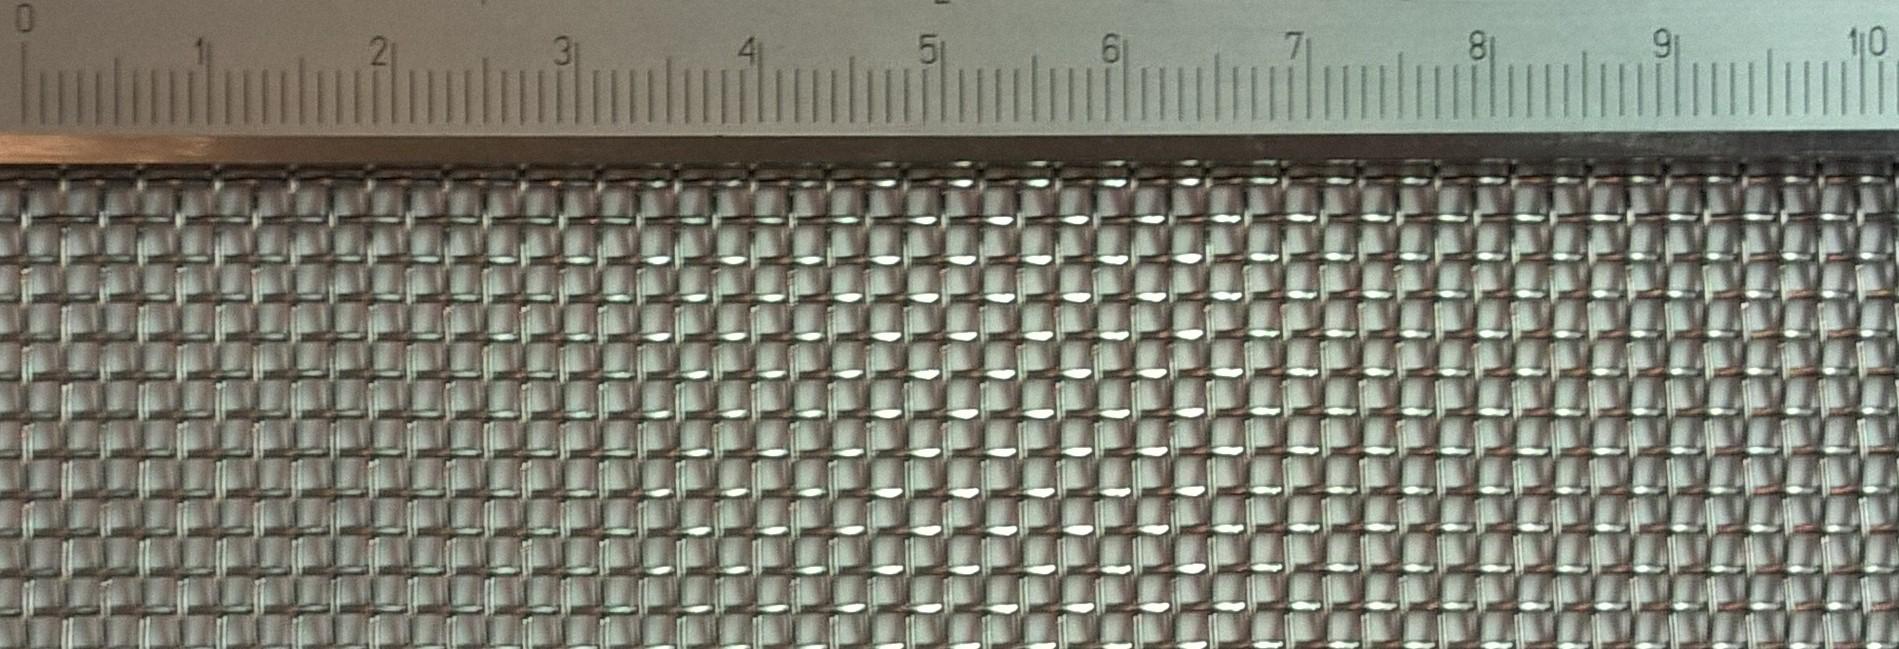 Drahtgeflecht mit 1,54mm Maschenweite / 0,58mm Drahtstärke